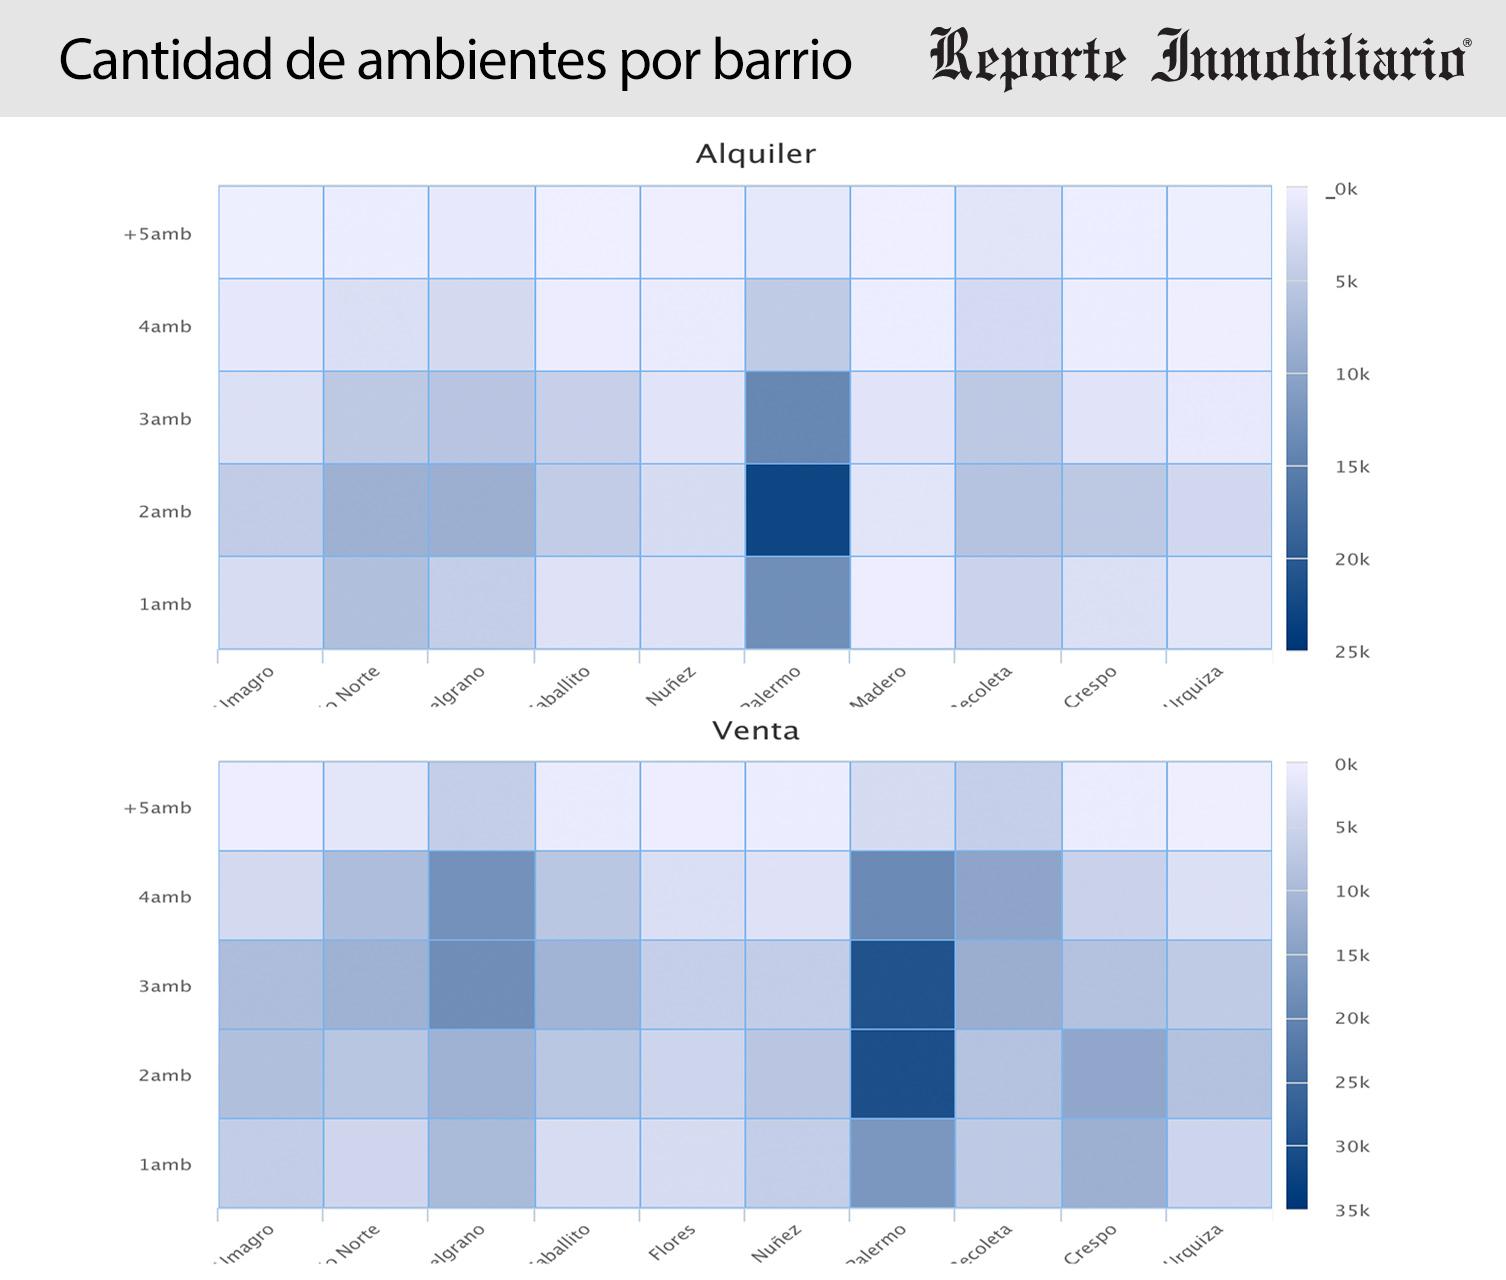 Resumen 2015 - Los barrios mas buscados por ambiente para Alquiler y venta